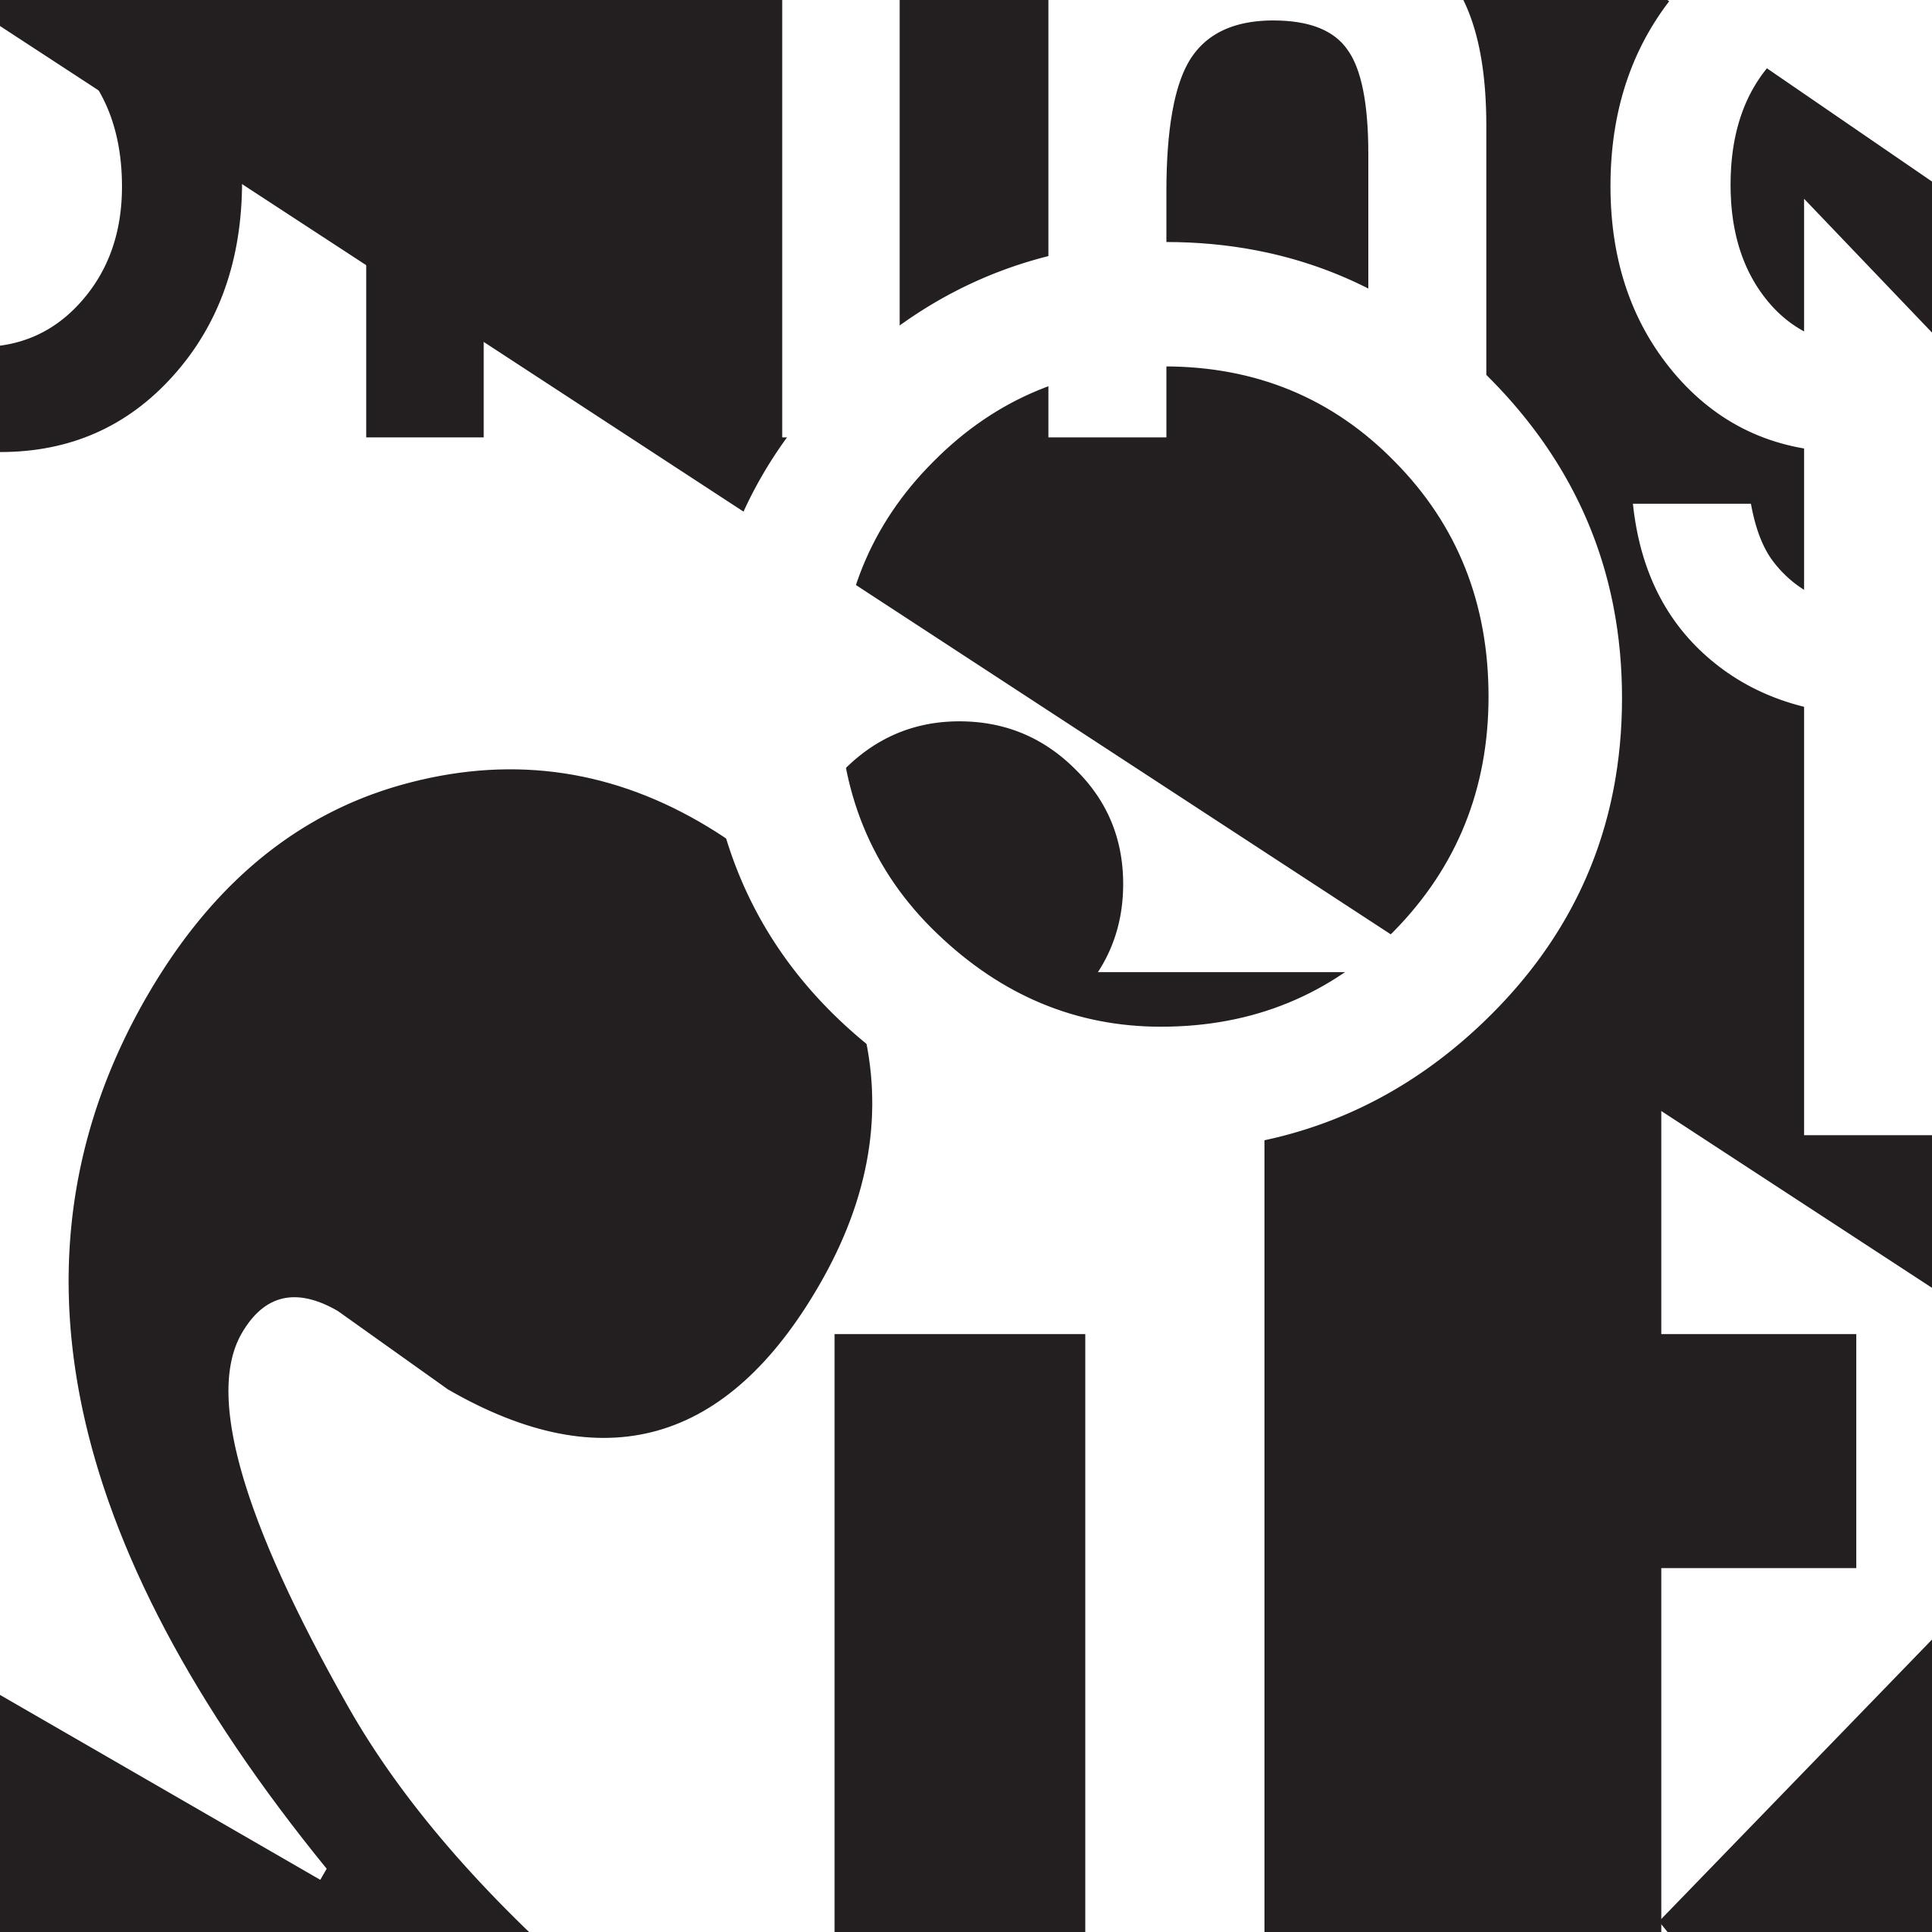 typography exercises miriam spivack